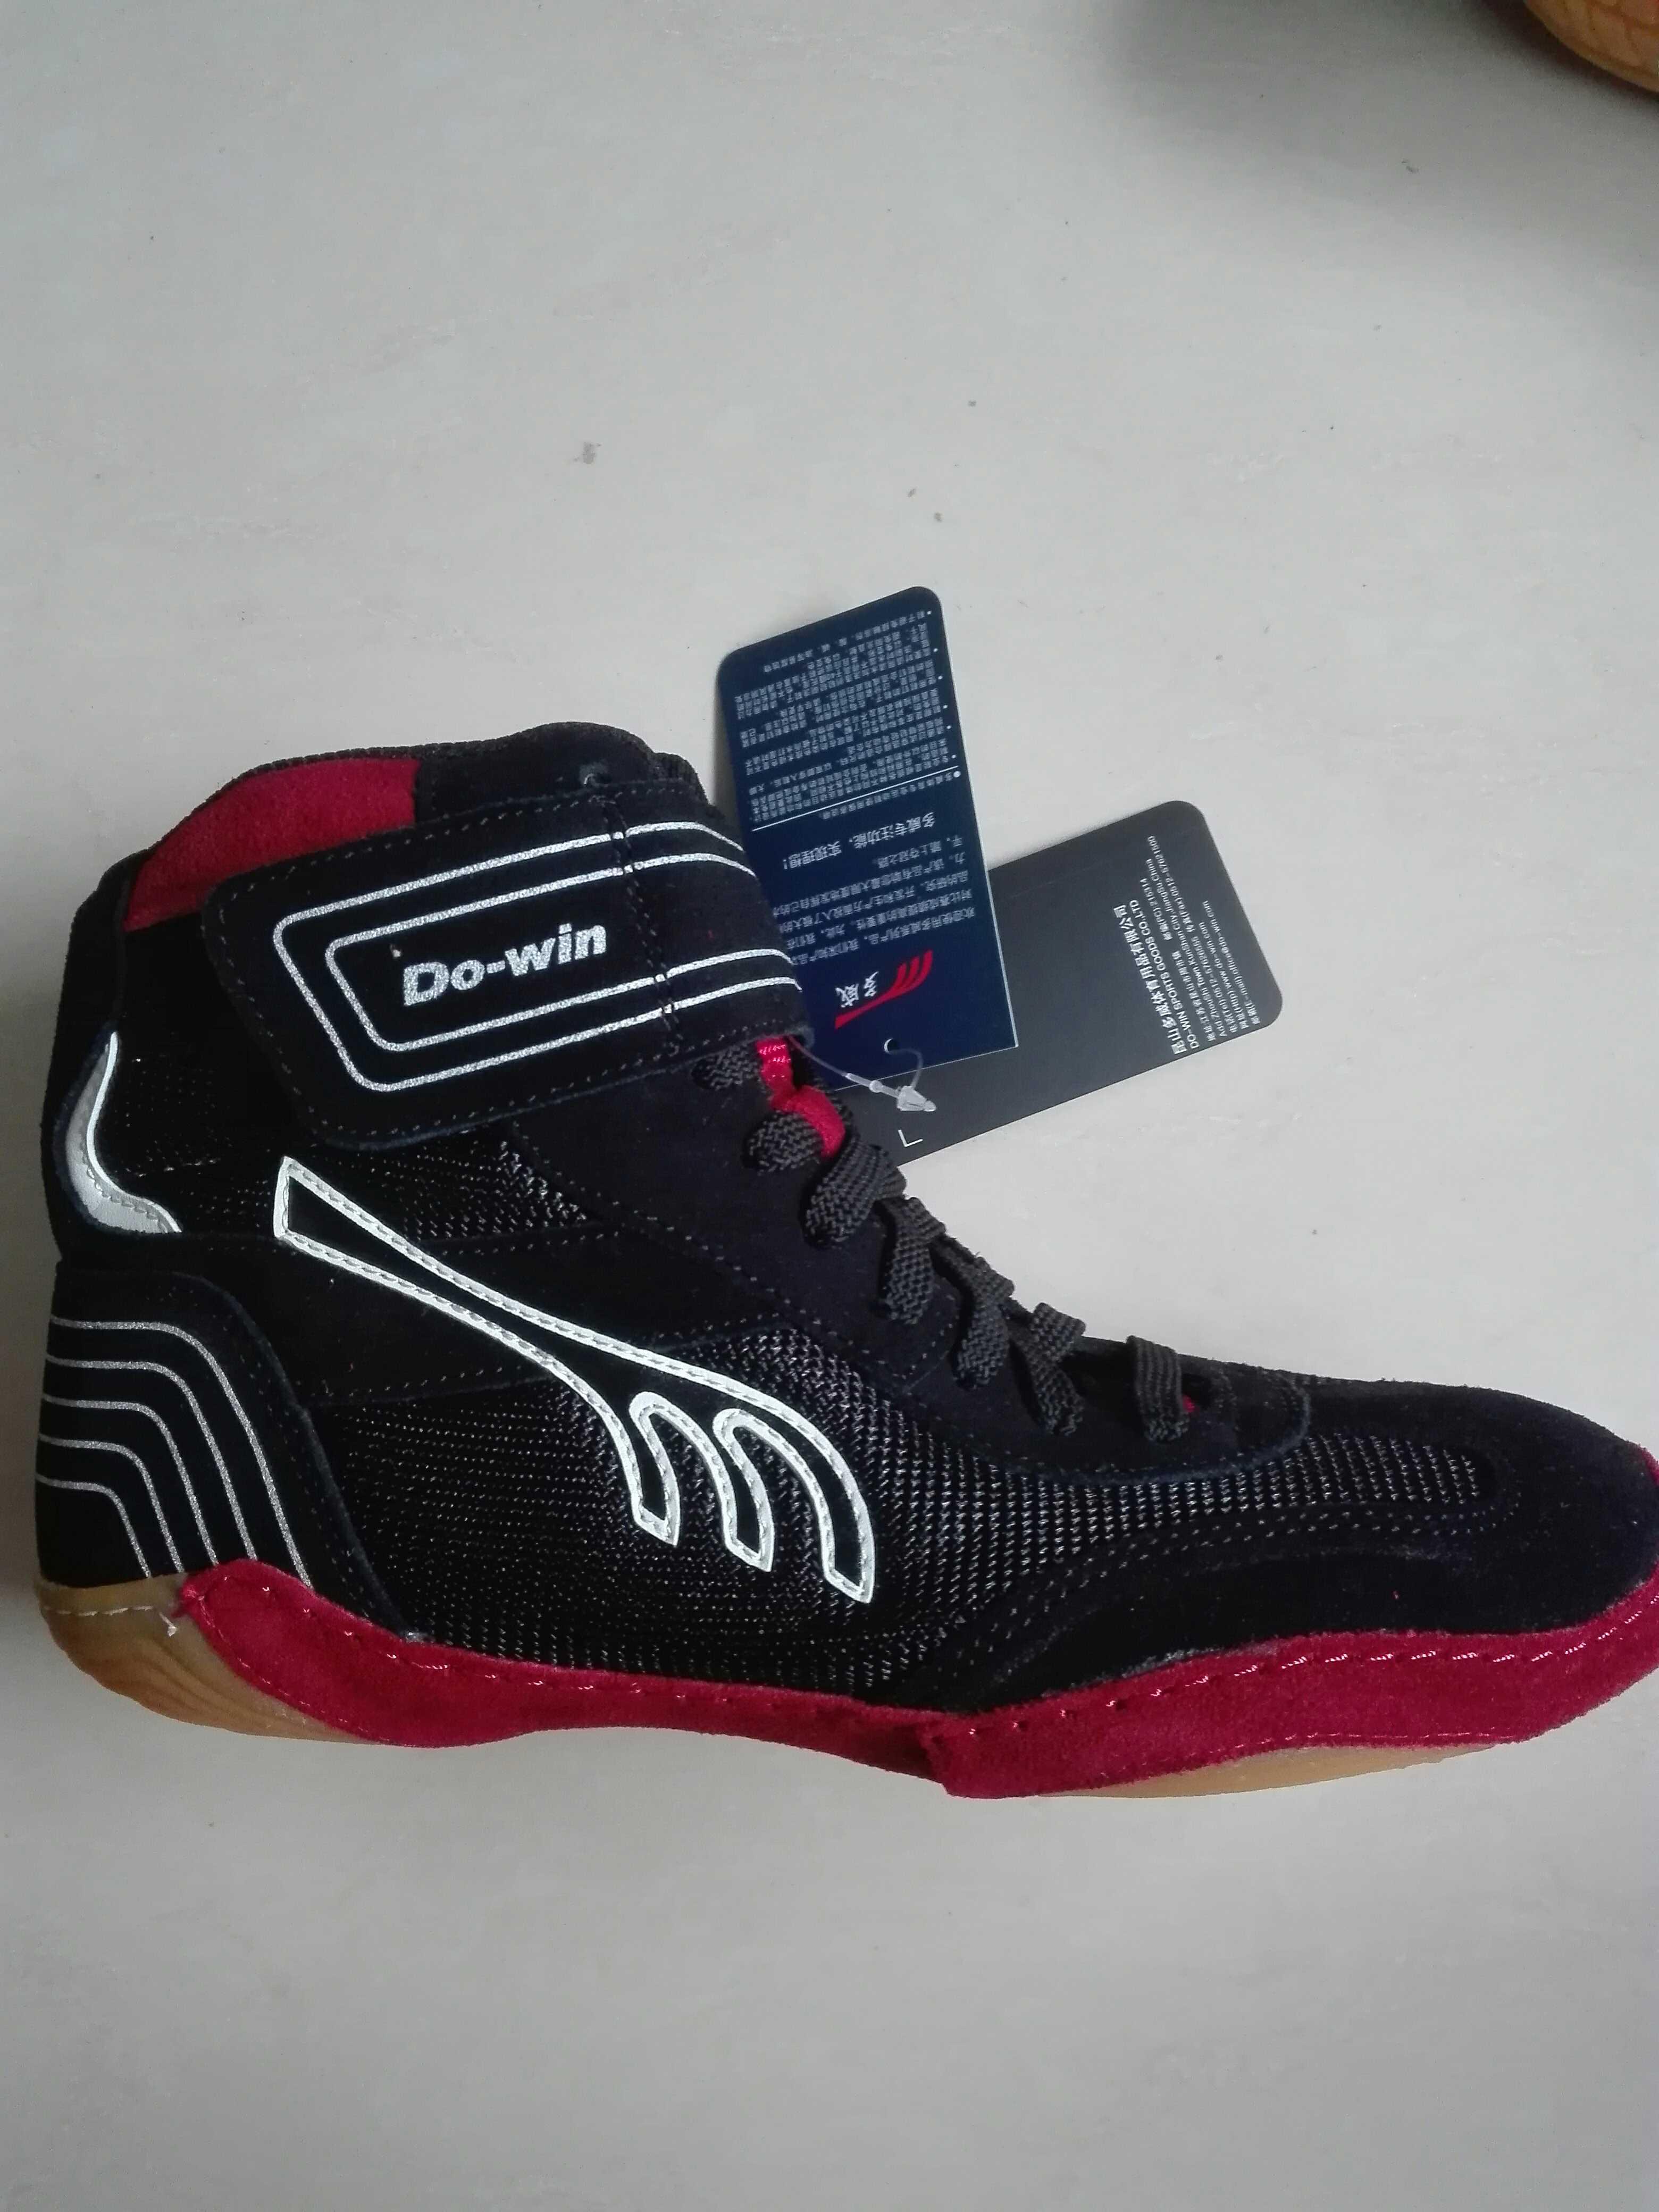 Больше престиж бросать упорная борьба обувной жесткий тянуть обувной J6211a качественный товар защищён от подделок проверять подлинность